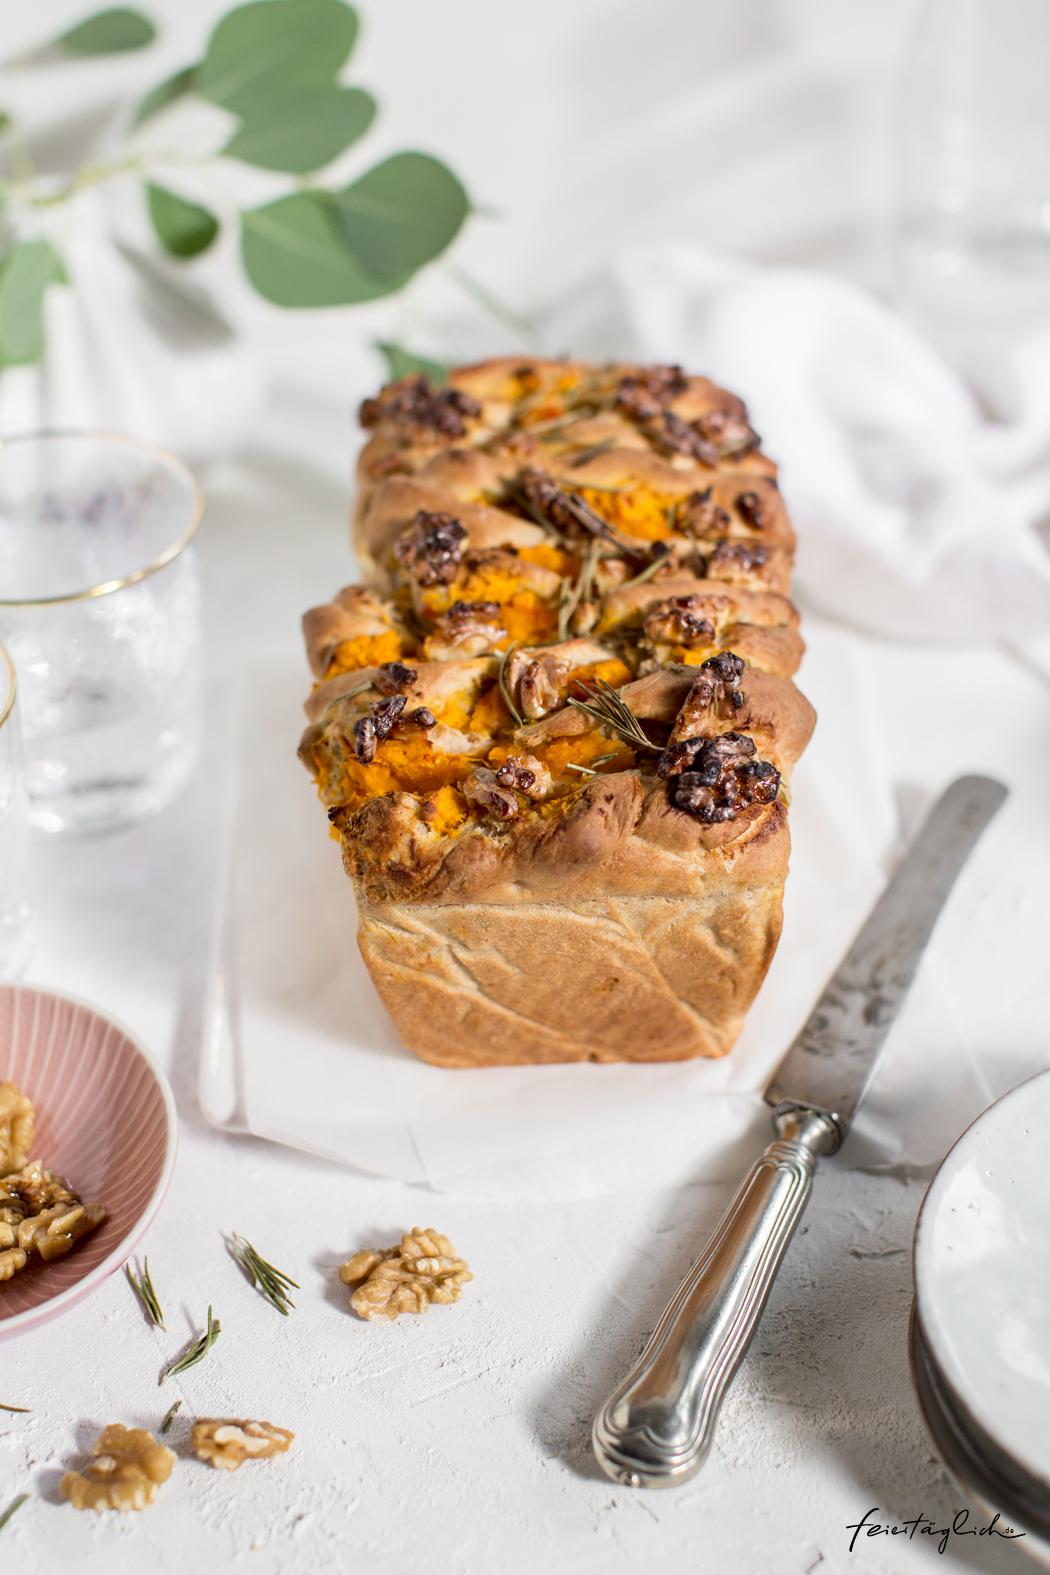 Kürbis-Feta-Zupfbrot mit Rosmarin und Honig-Walnüssen